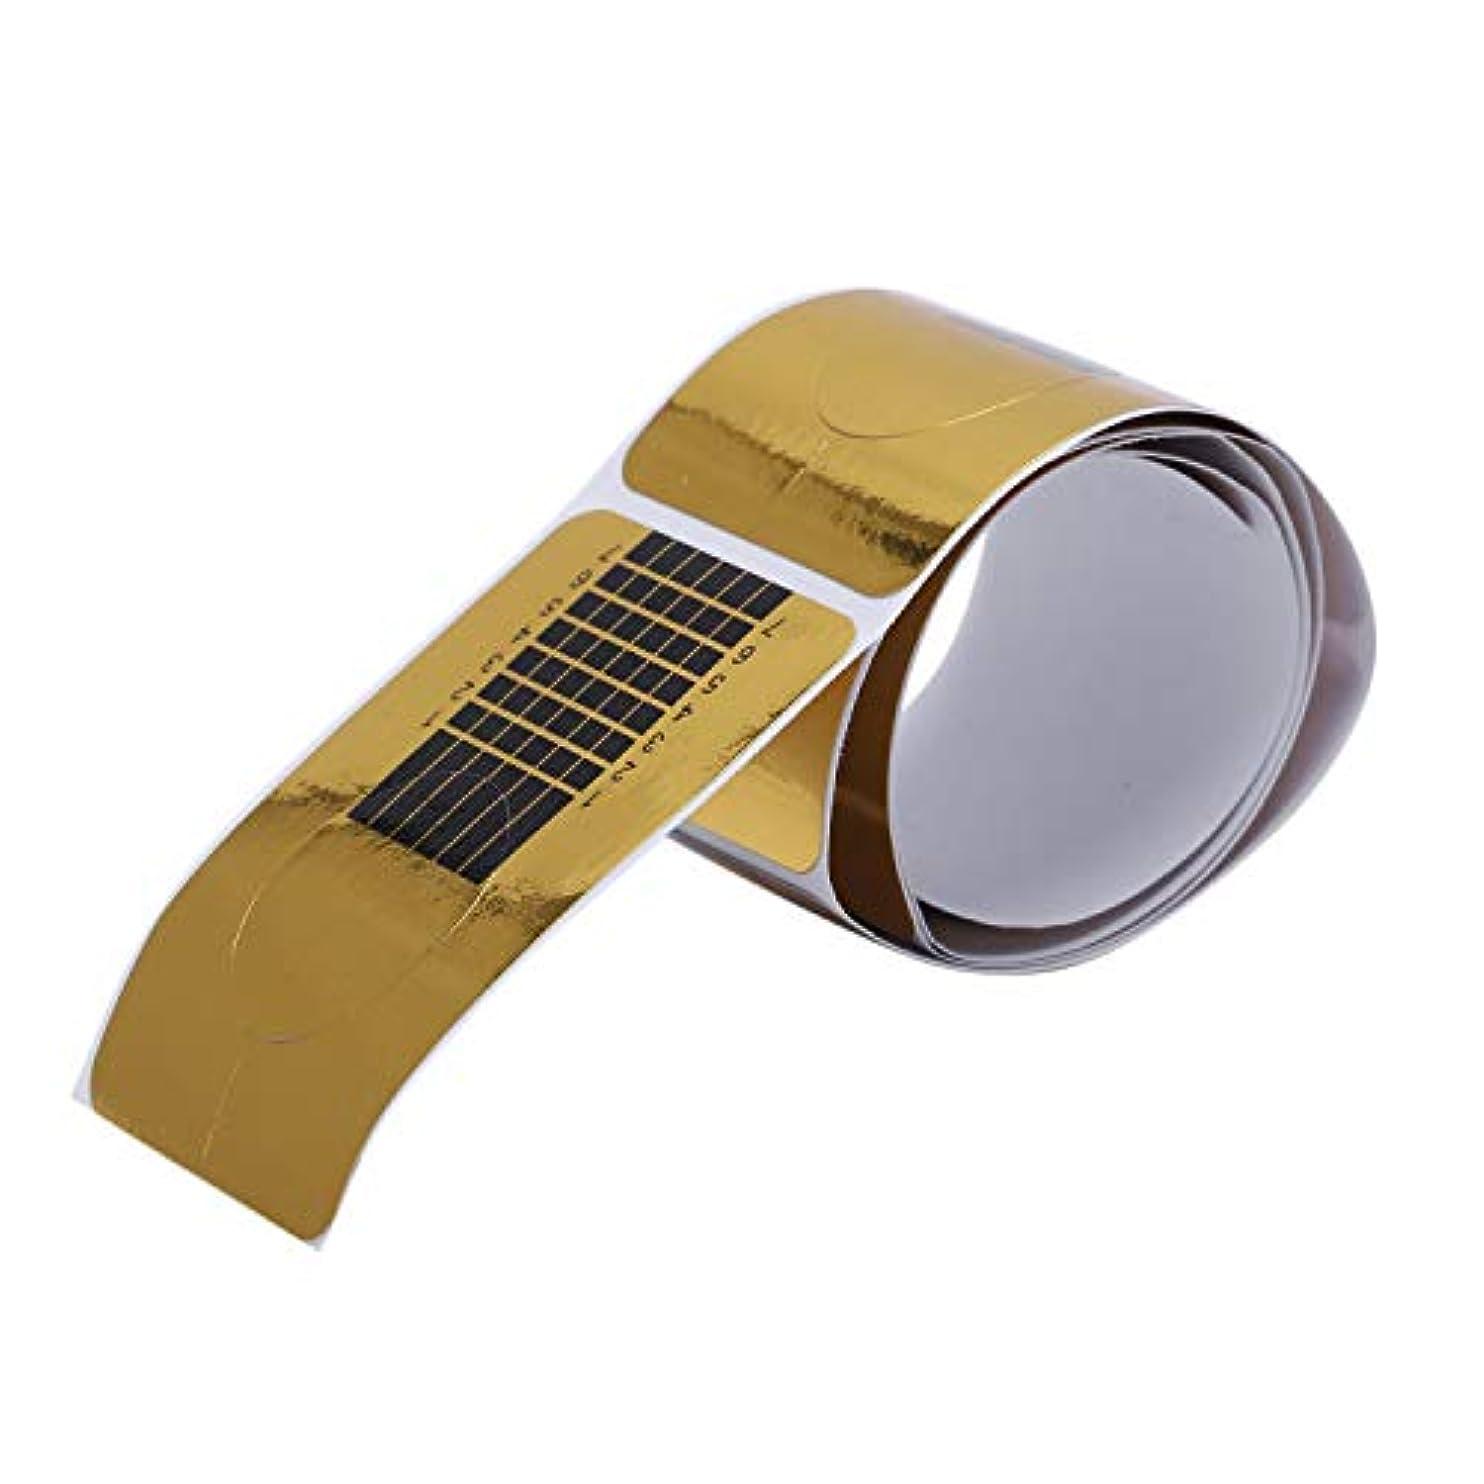 学部長優勢堂々たるTYJP 100x ゴールデンのネイルのカバー、DIYツール